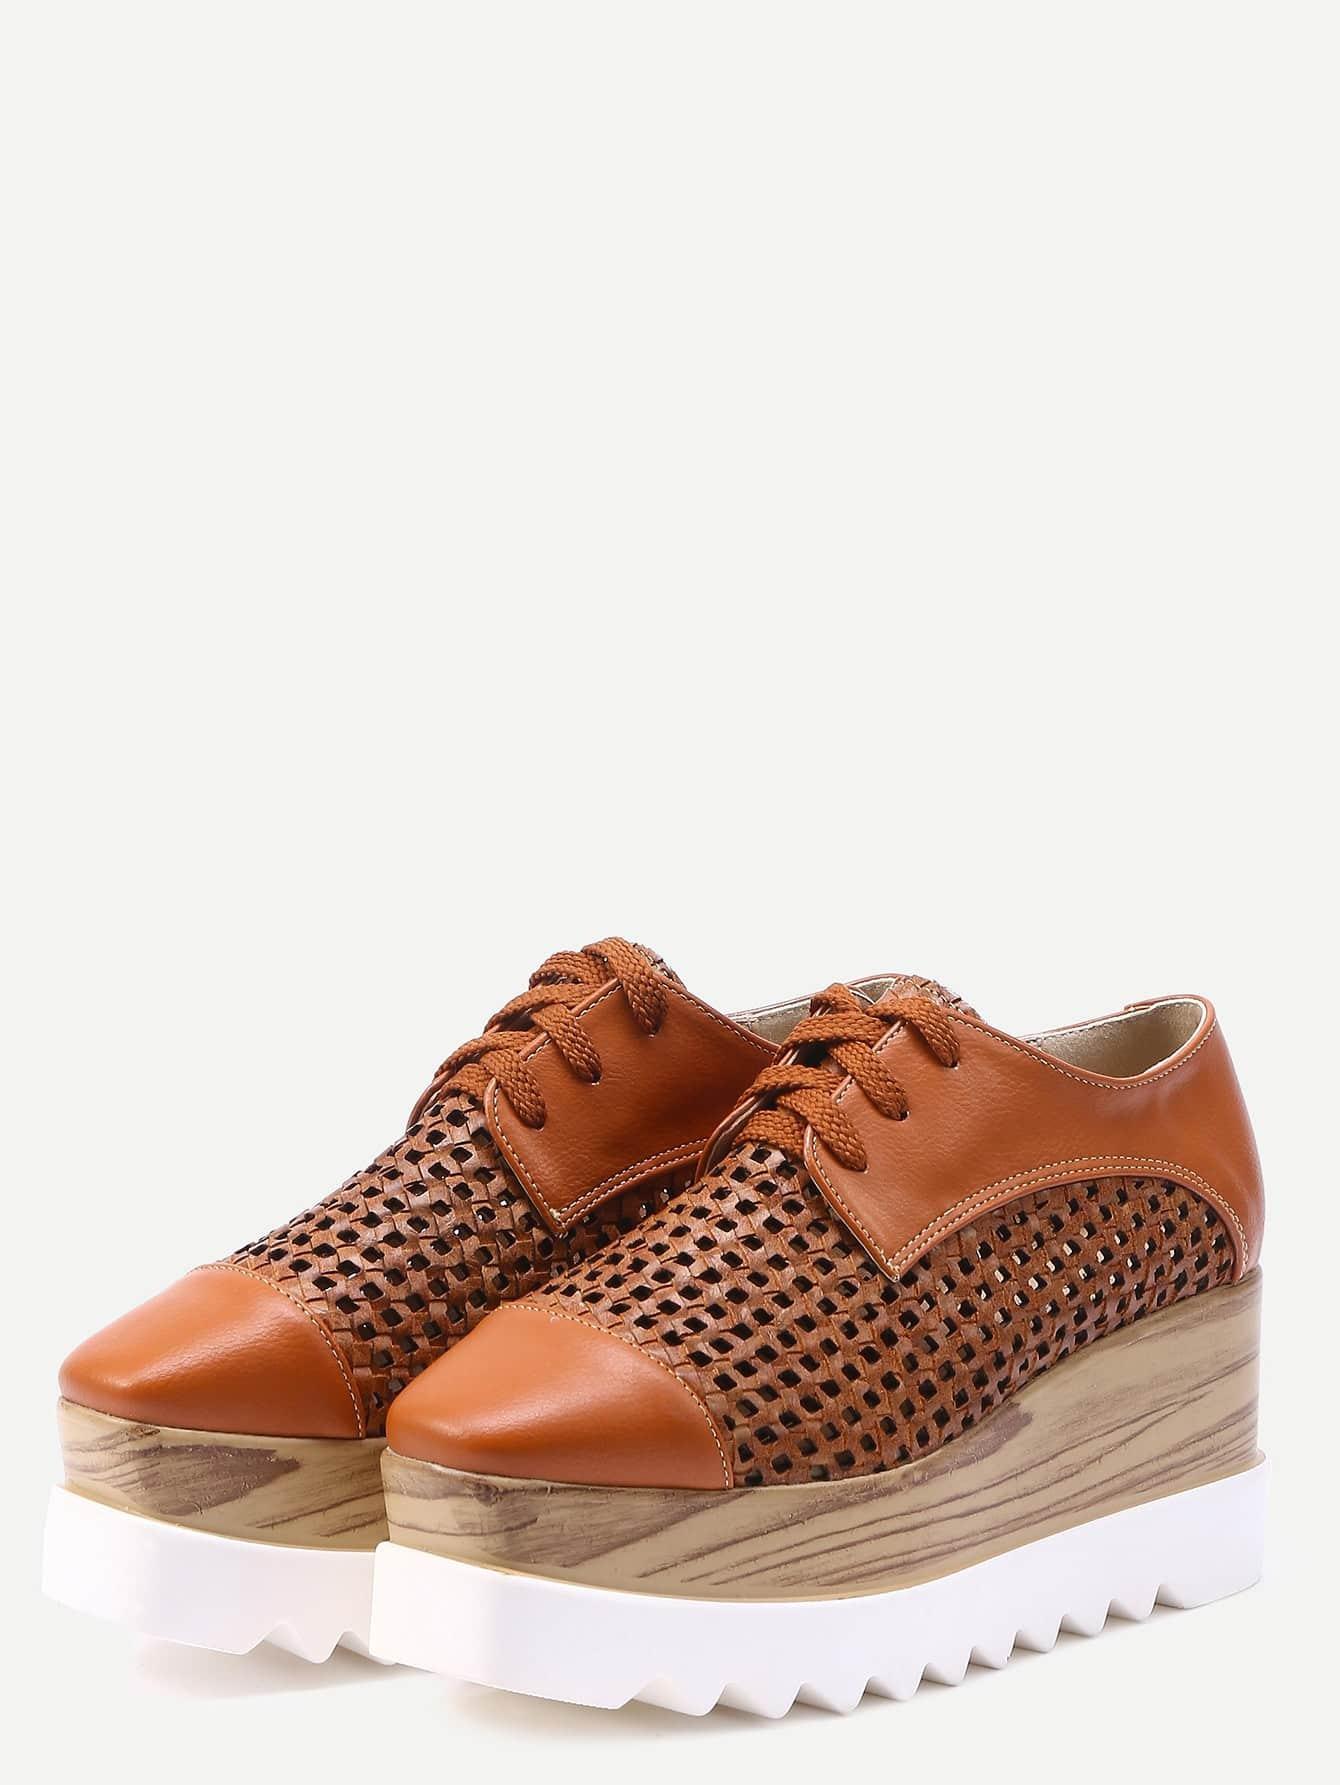 shoes160727805_2